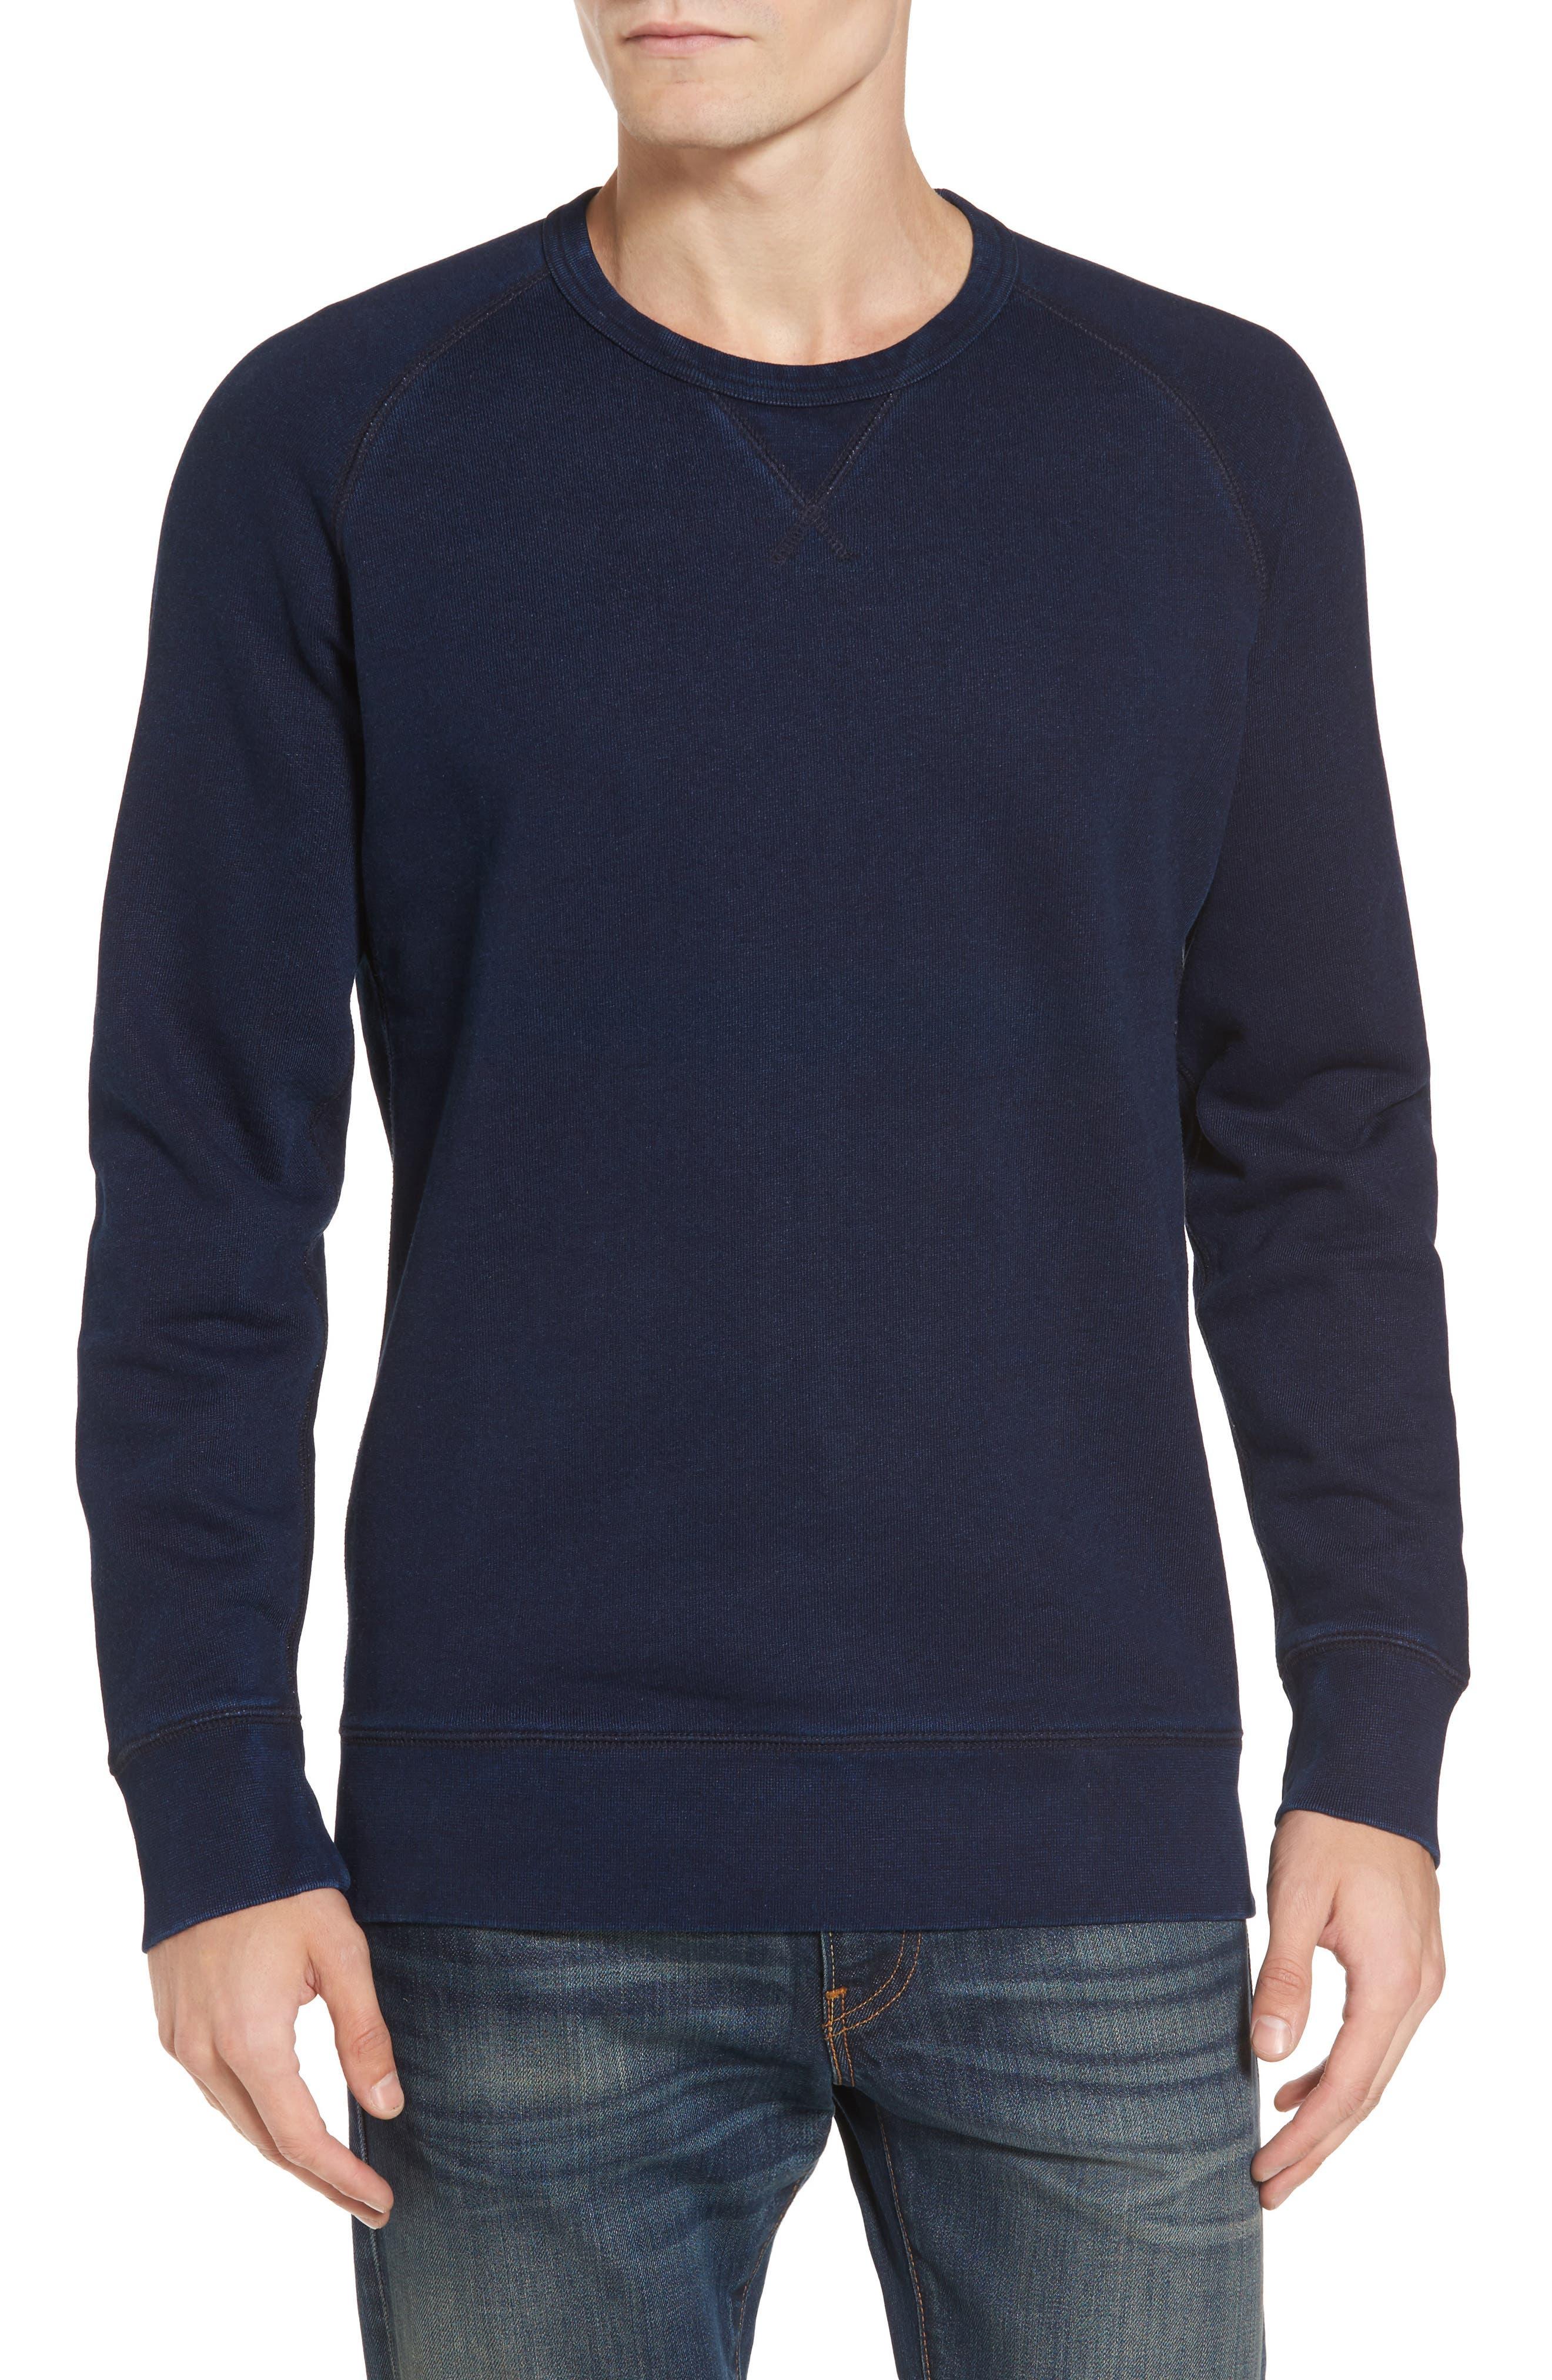 Alternate Image 1 Selected - Levi's® Original Crewneck Sweater